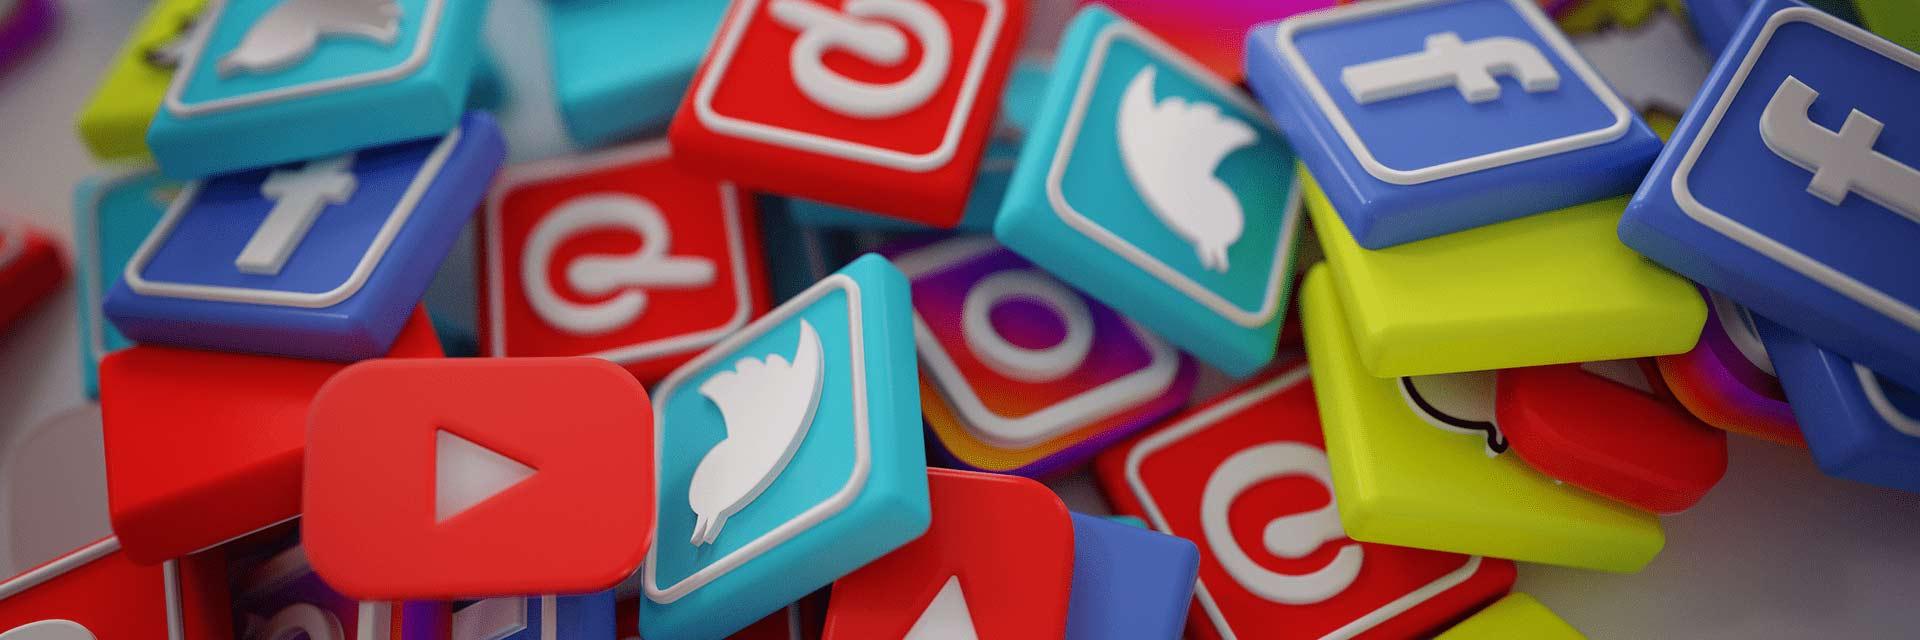 Social Media Marketing will Grow your Company